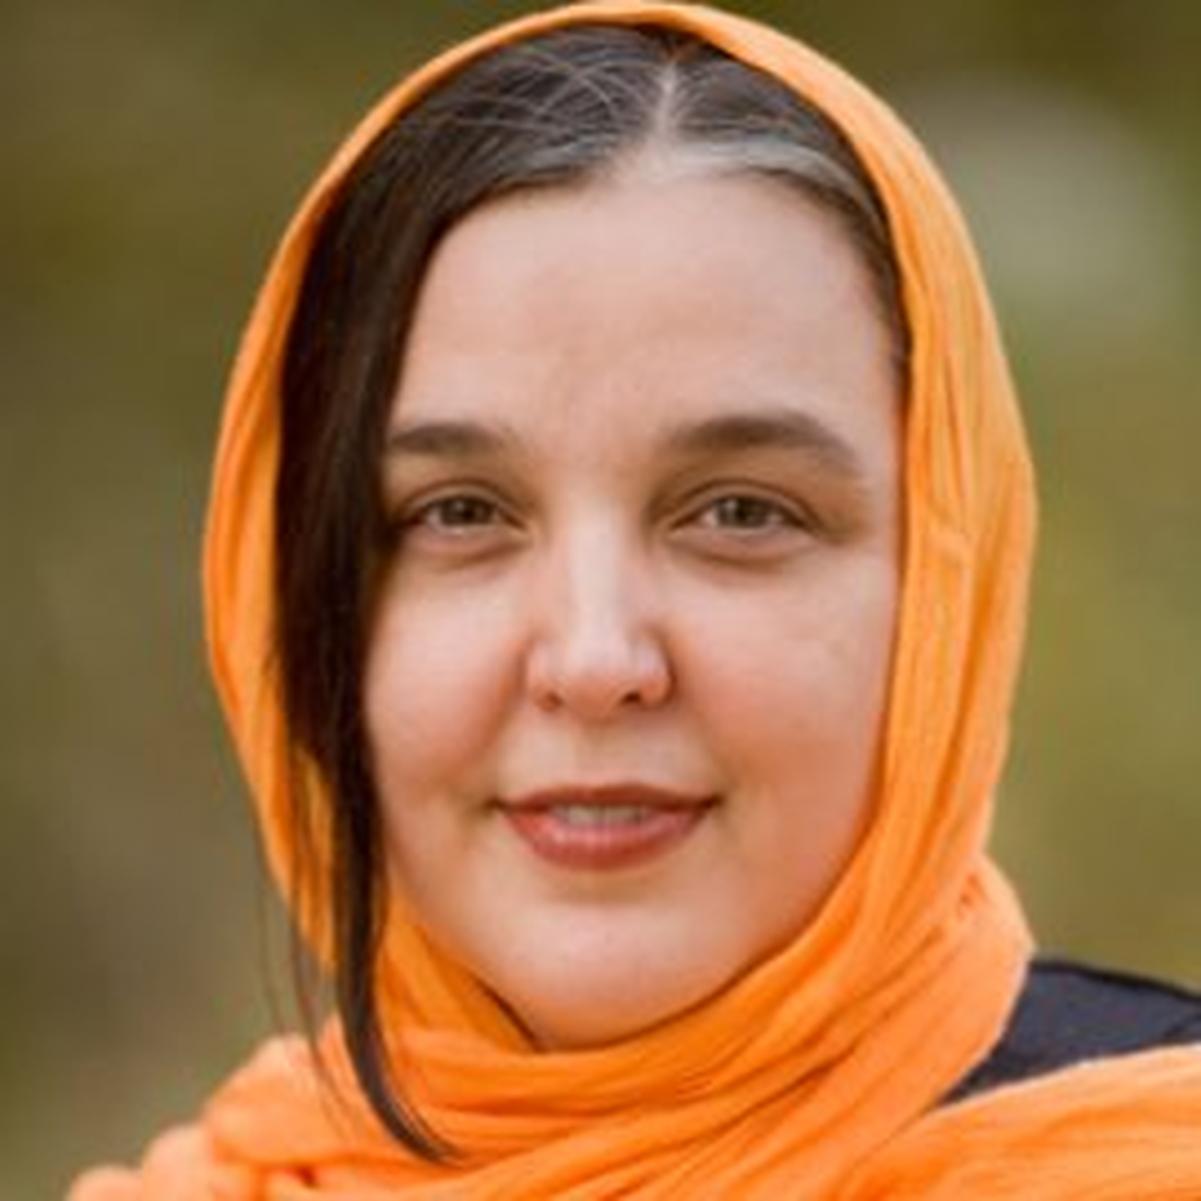 Sussan Tahmasebi